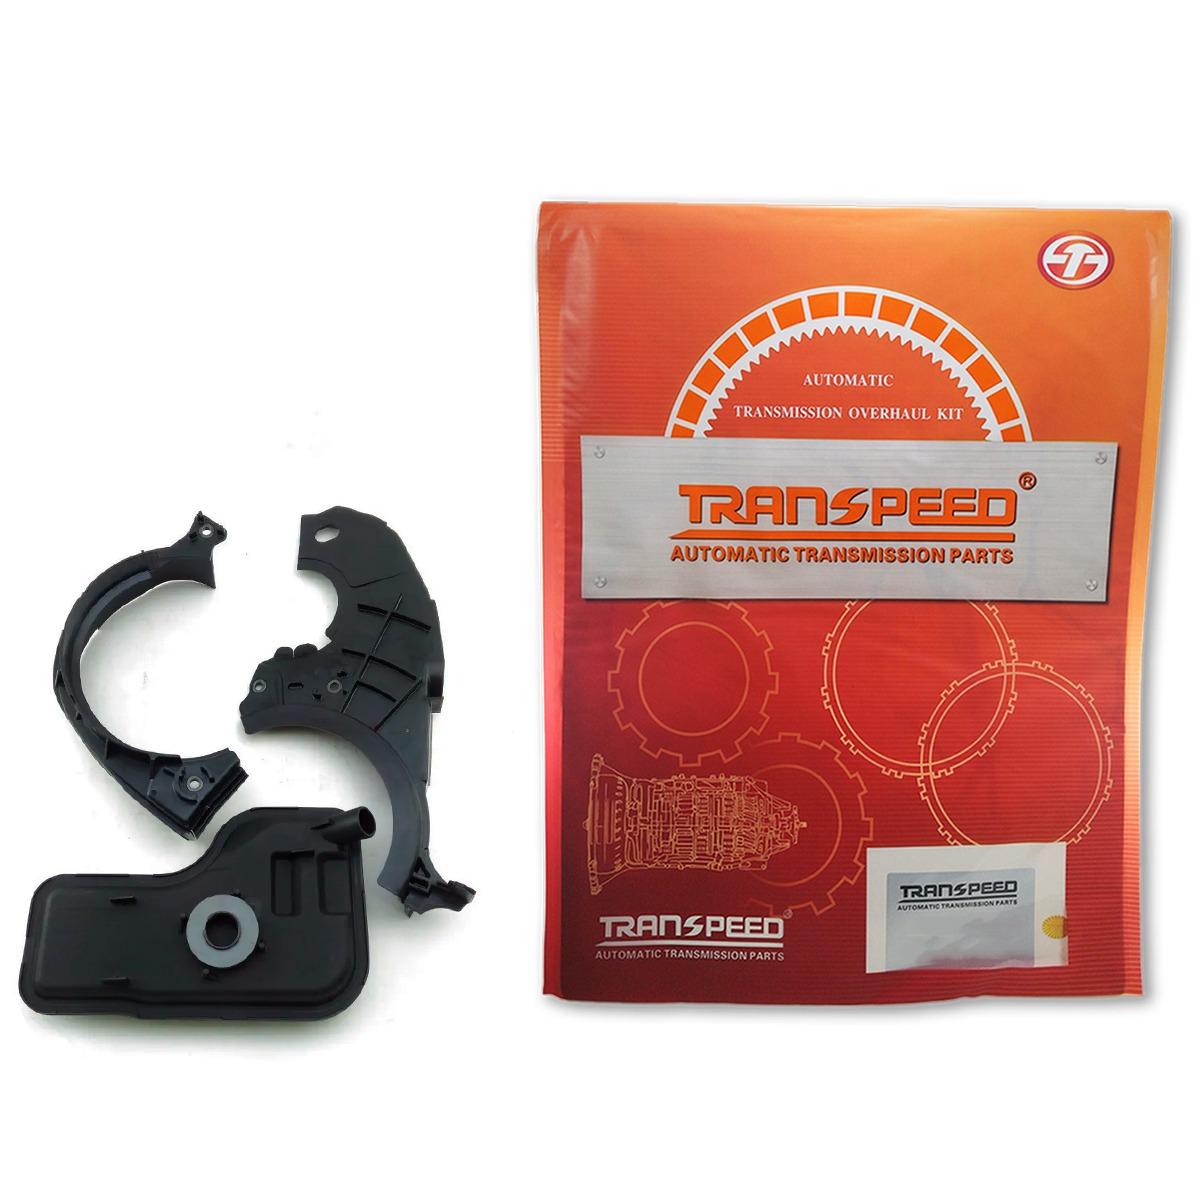 Jogo De Junta Com Par Defletor  Filtro Cambio Automático 6t31 6t35 Gm Cruze Spin